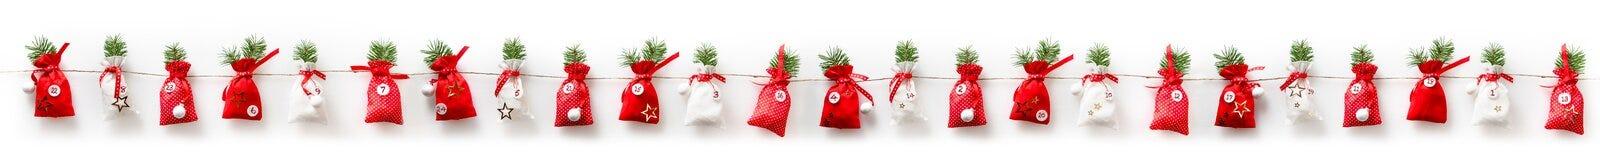 Το ημερολόγιο εμφάνισης Χριστουγέννων γέμισε 24 σακούλια σε μια σειρά Στοκ Εικόνα